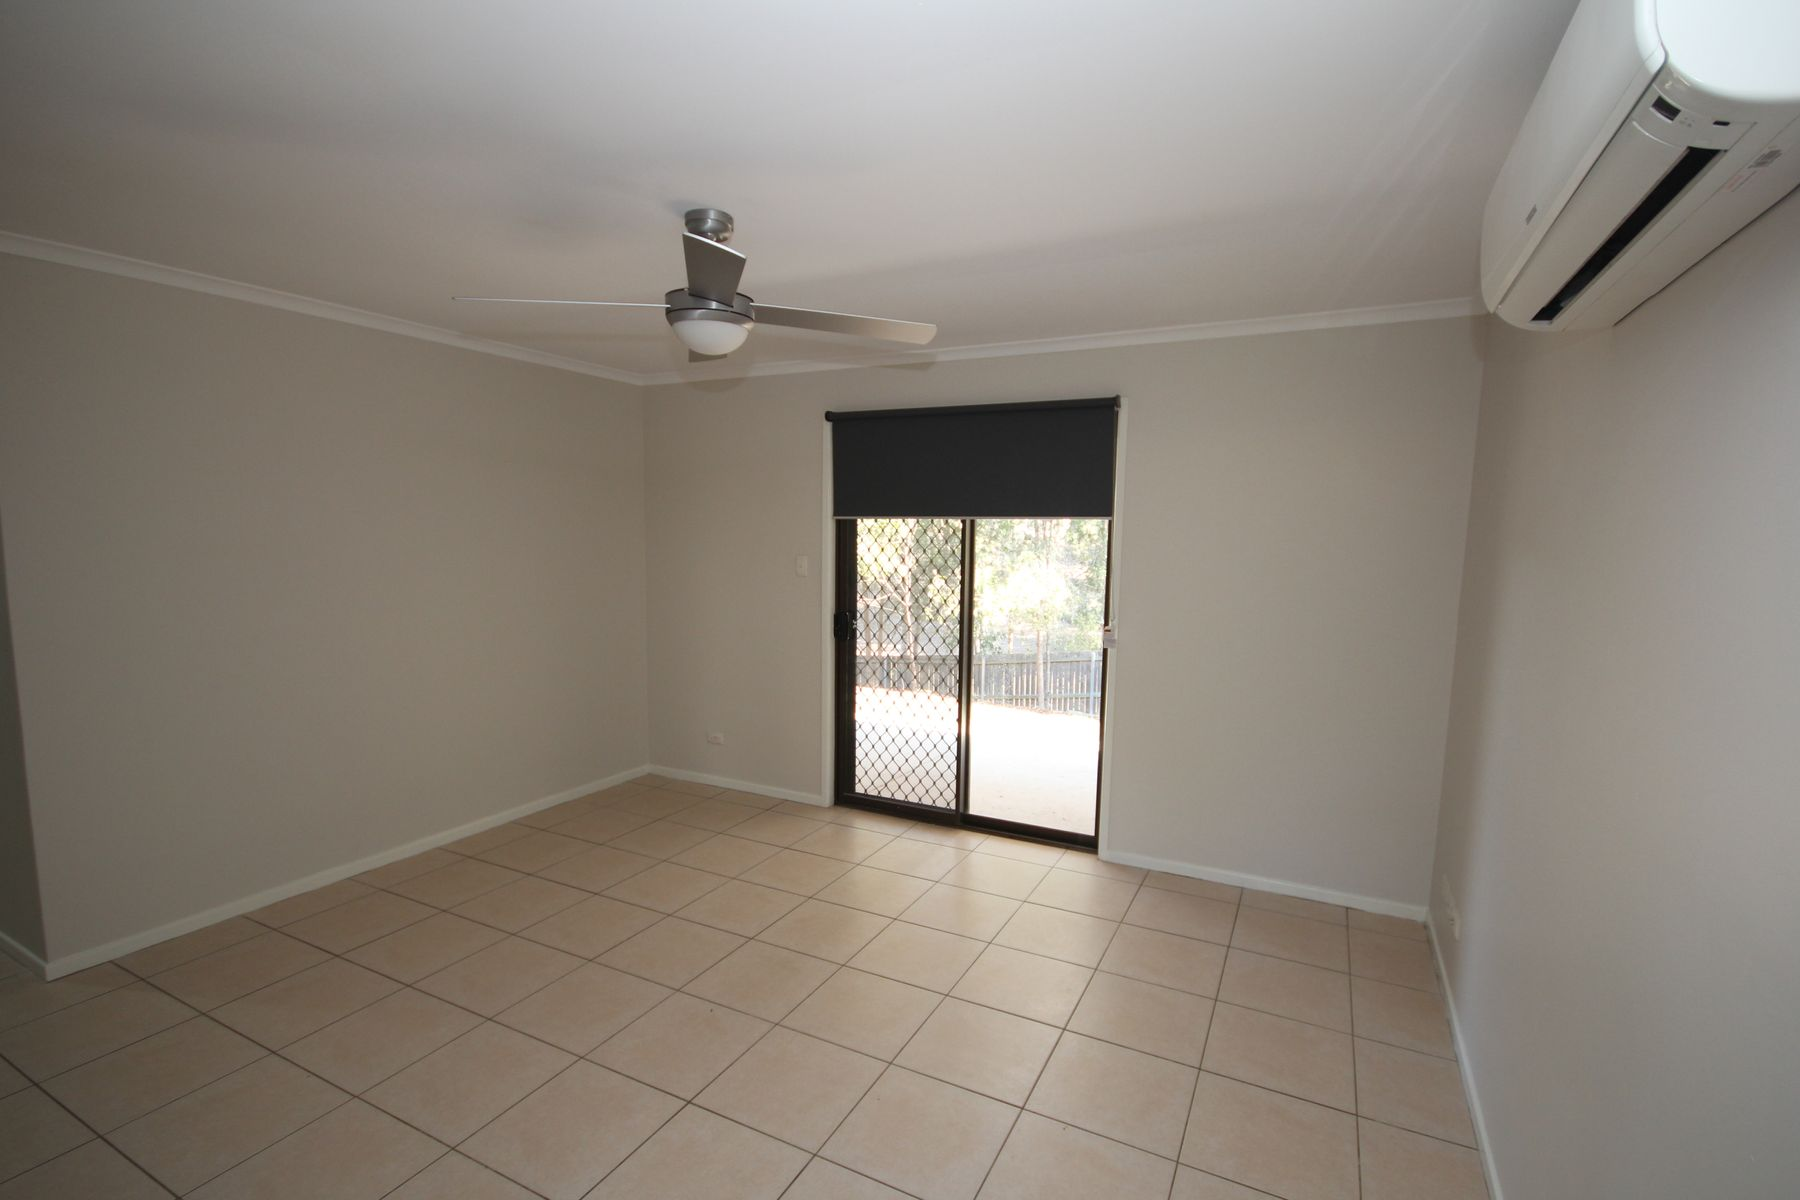 2/22 Buttler Street, Bellbird Park, QLD 4300